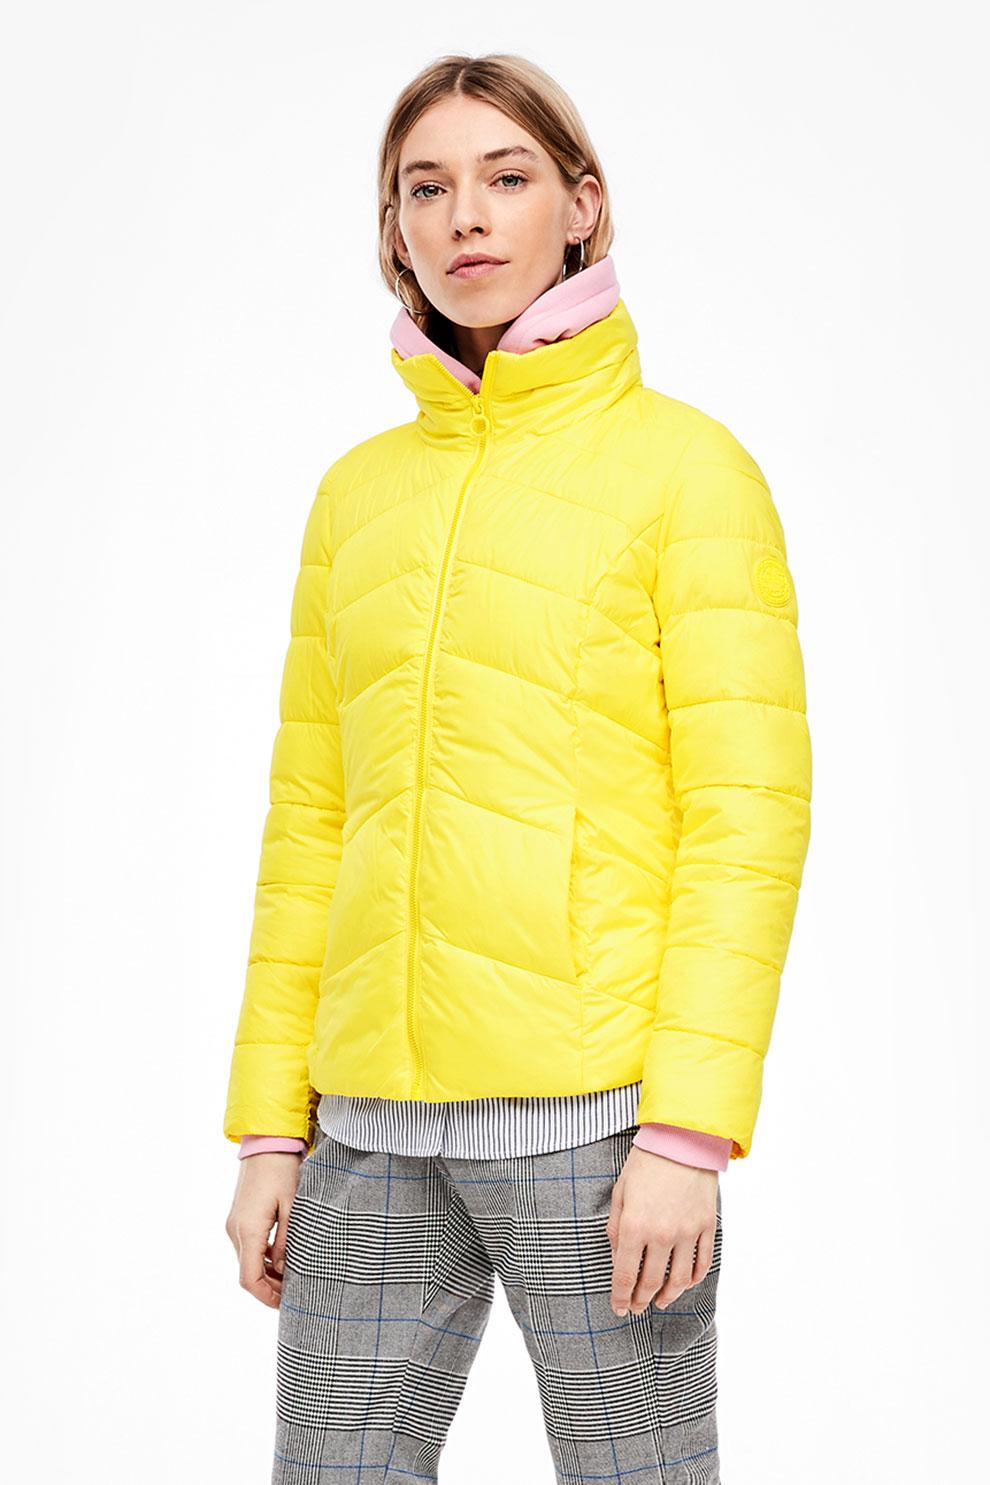 Női kabátok, dzsekik és mellények s.Oliver Szín Sárga eMAG.hu